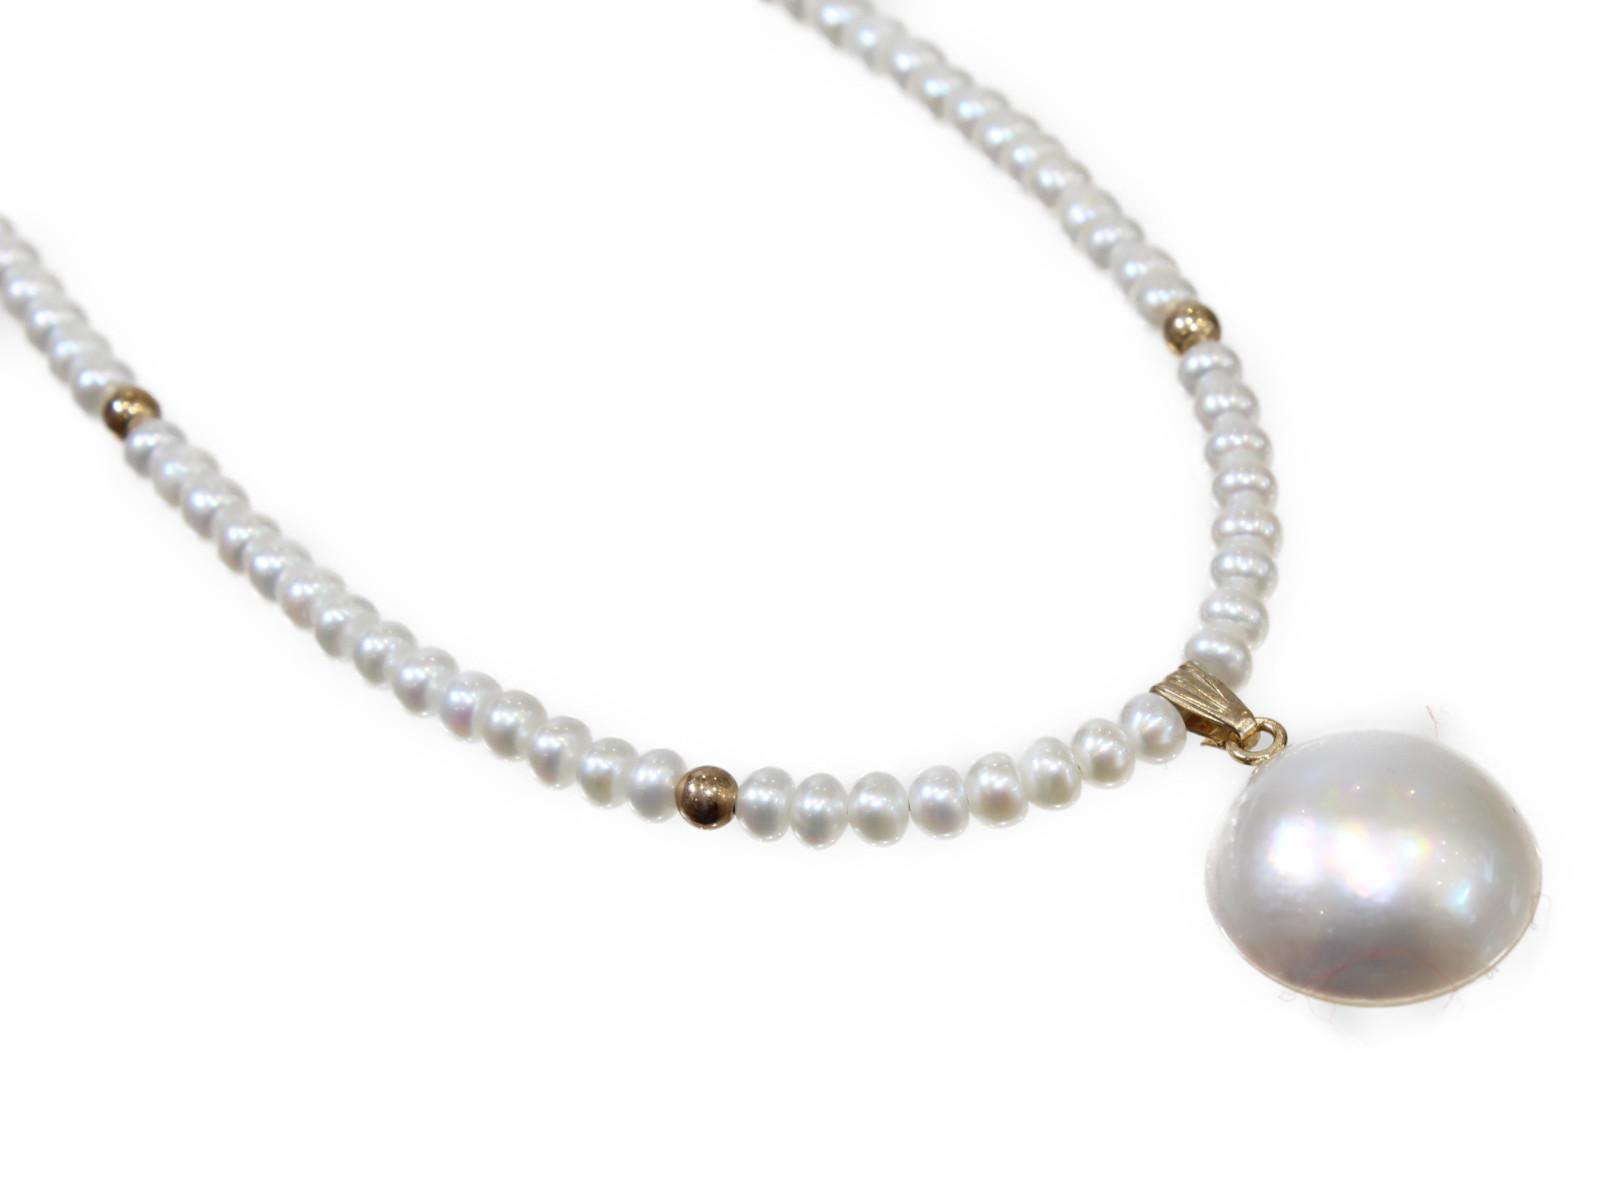 マベ真珠ネックレスマベ真珠 真珠 K14 41cmシンプル 上品 ギフト包装可【中古】